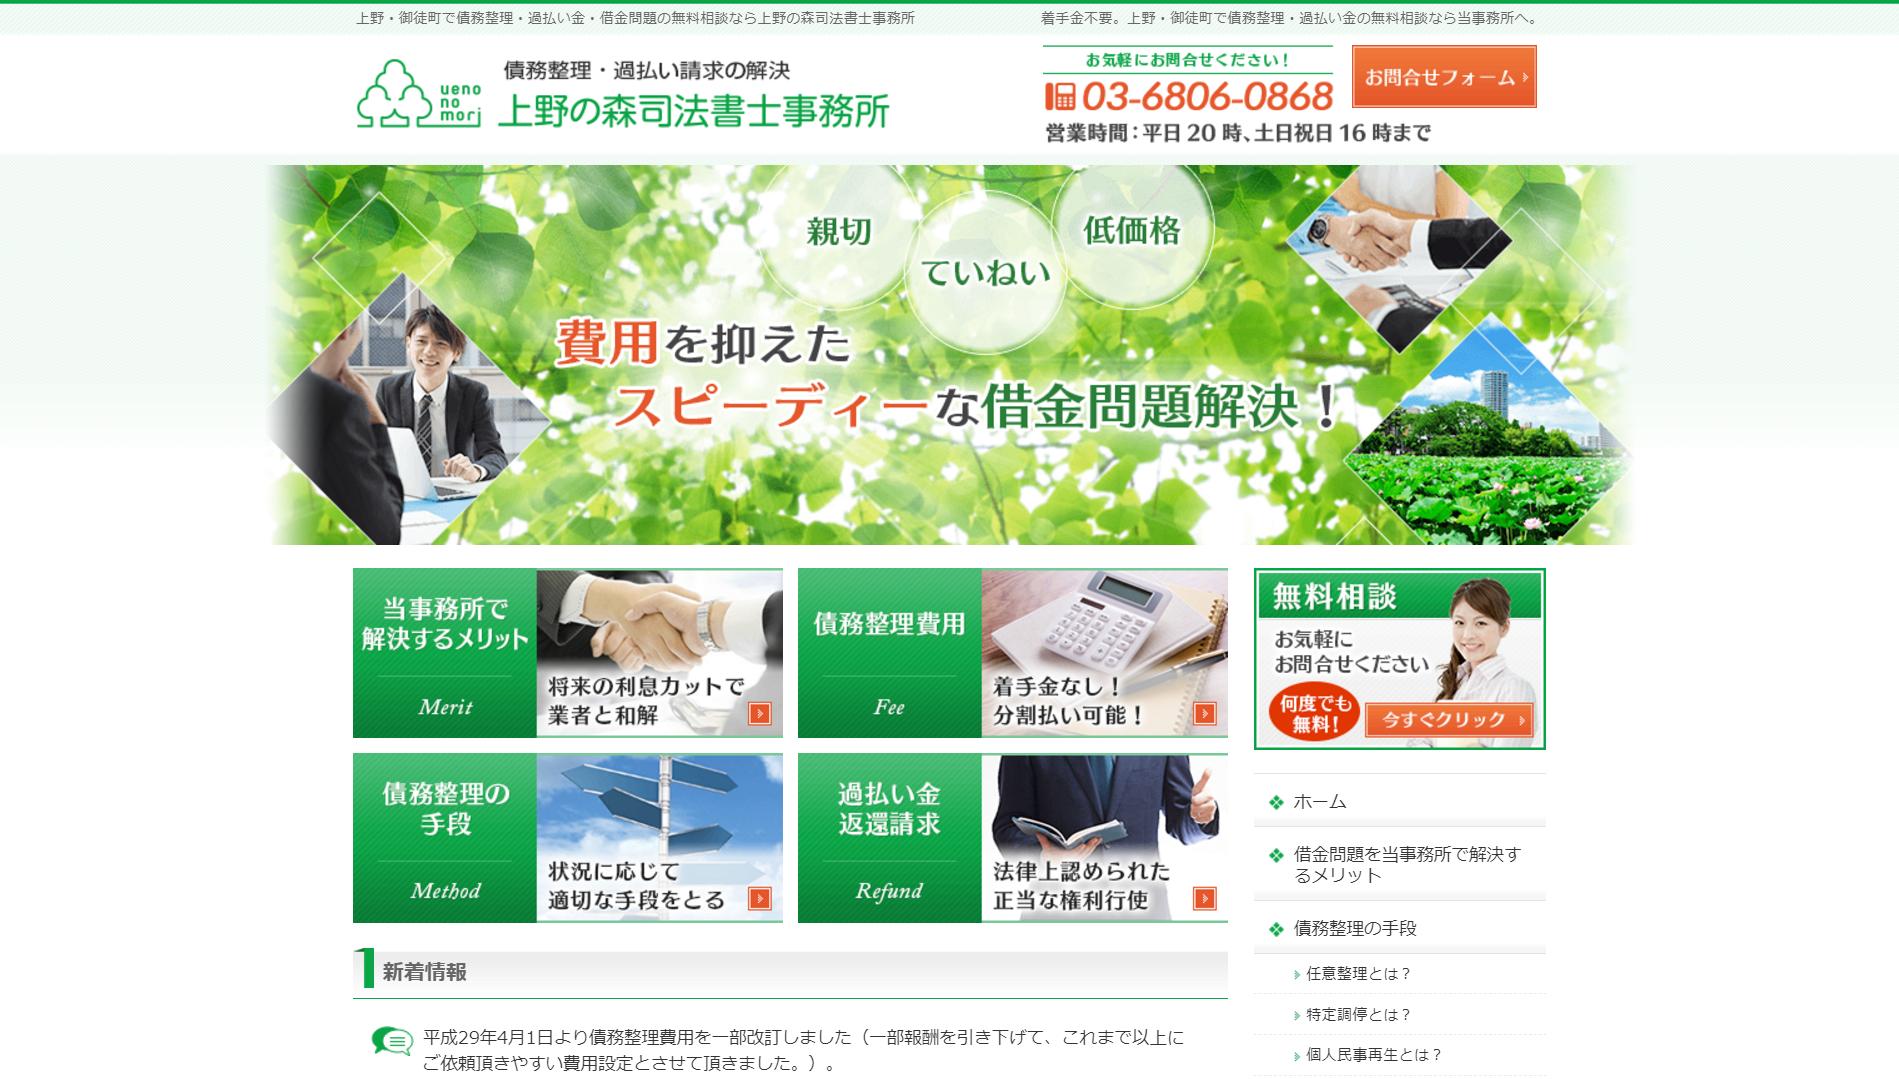 上野の森司法書士事務所(東京都台東区上野)